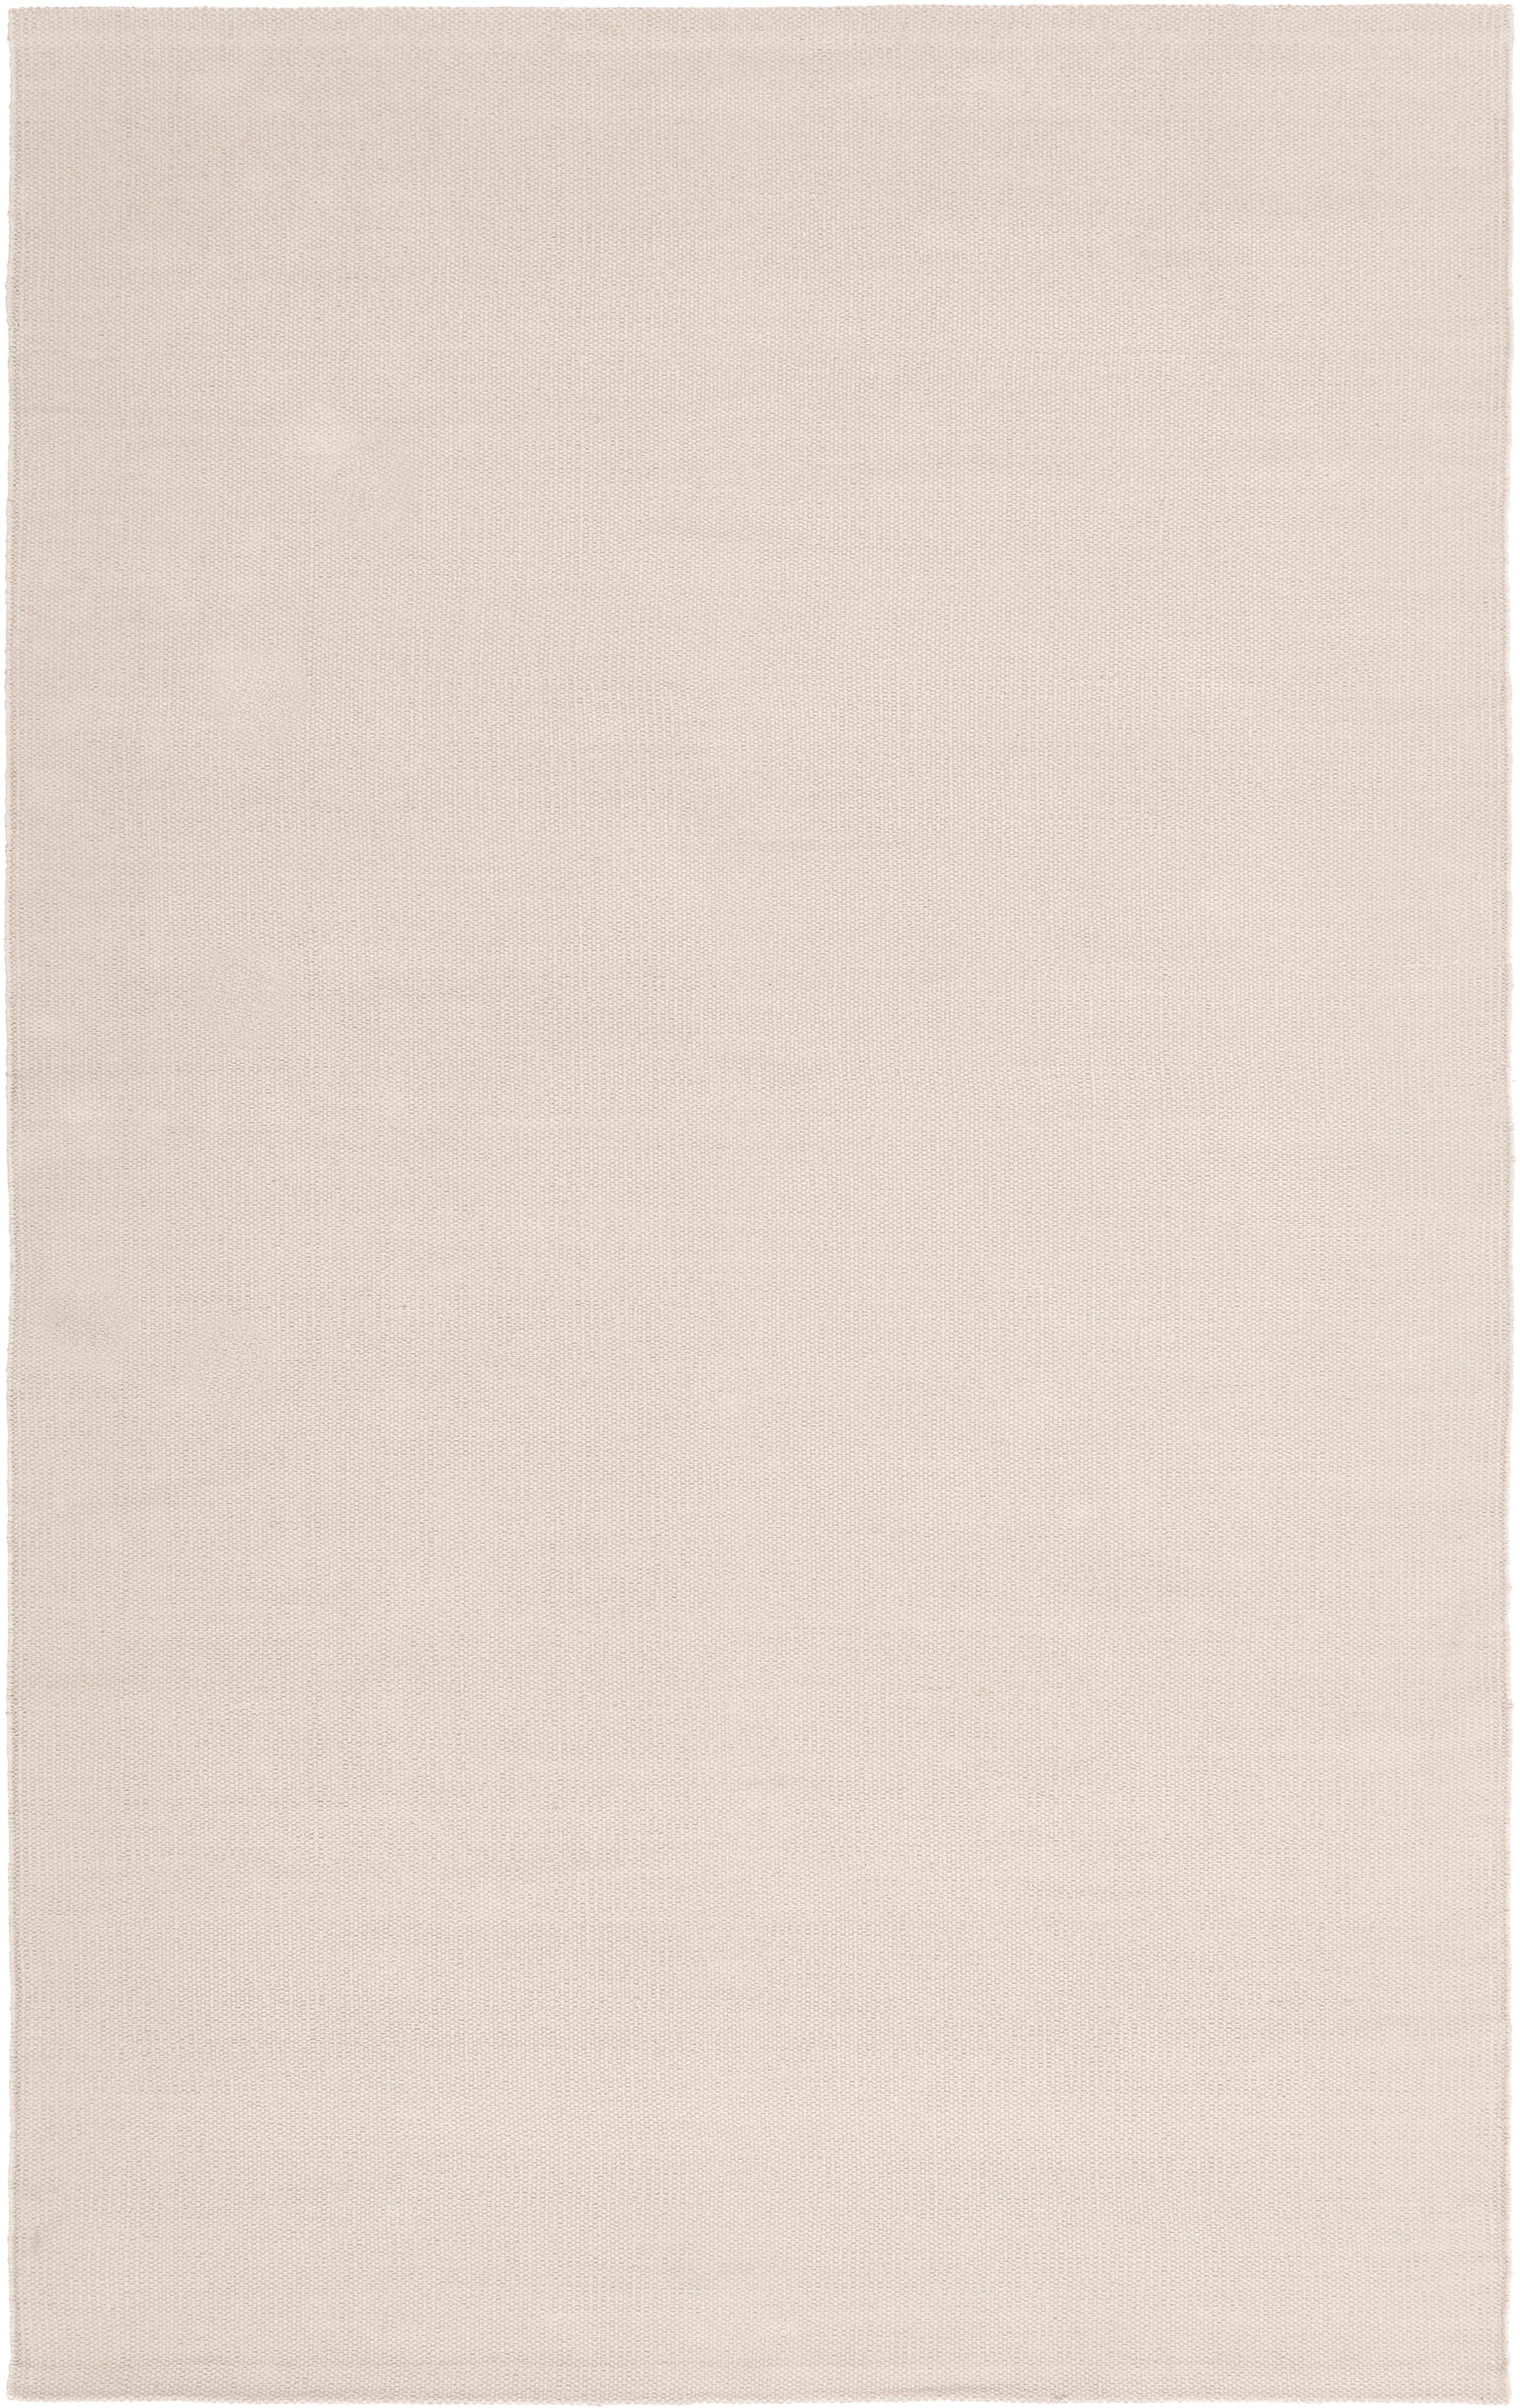 Ręcznie tkany dywan z bawełny Agneta, Bawełna, Beżowy, S 50 x D 80 cm (Rozmiar XXS)